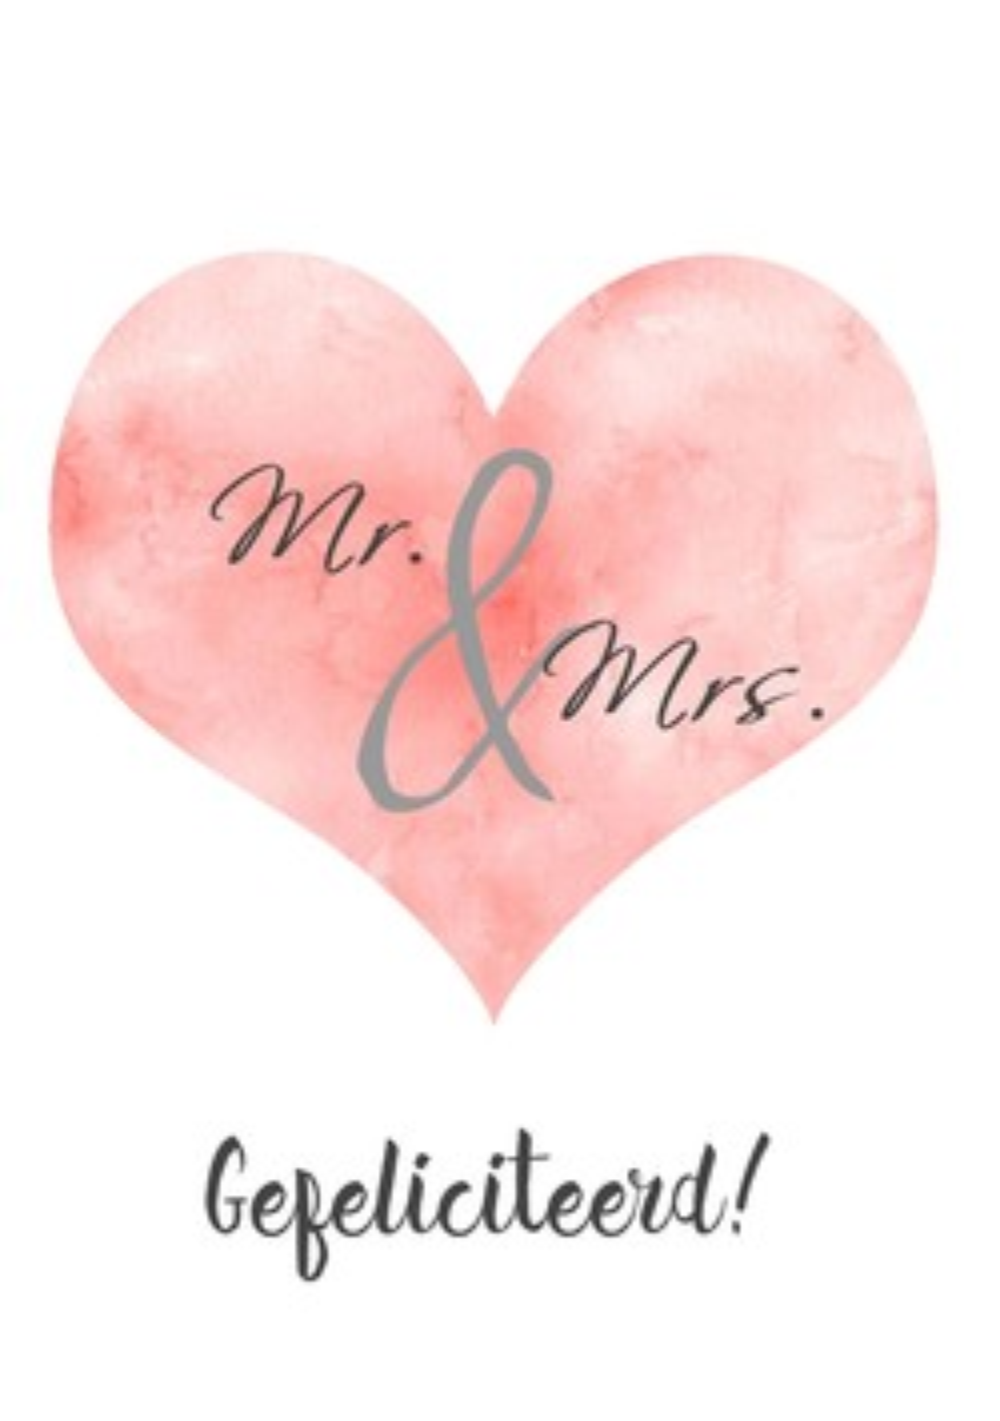 gefeliciteerd met het huwelijk kaarten maken, online je kaartje sturen   Kaartjeposten.nl gefeliciteerd met het huwelijk